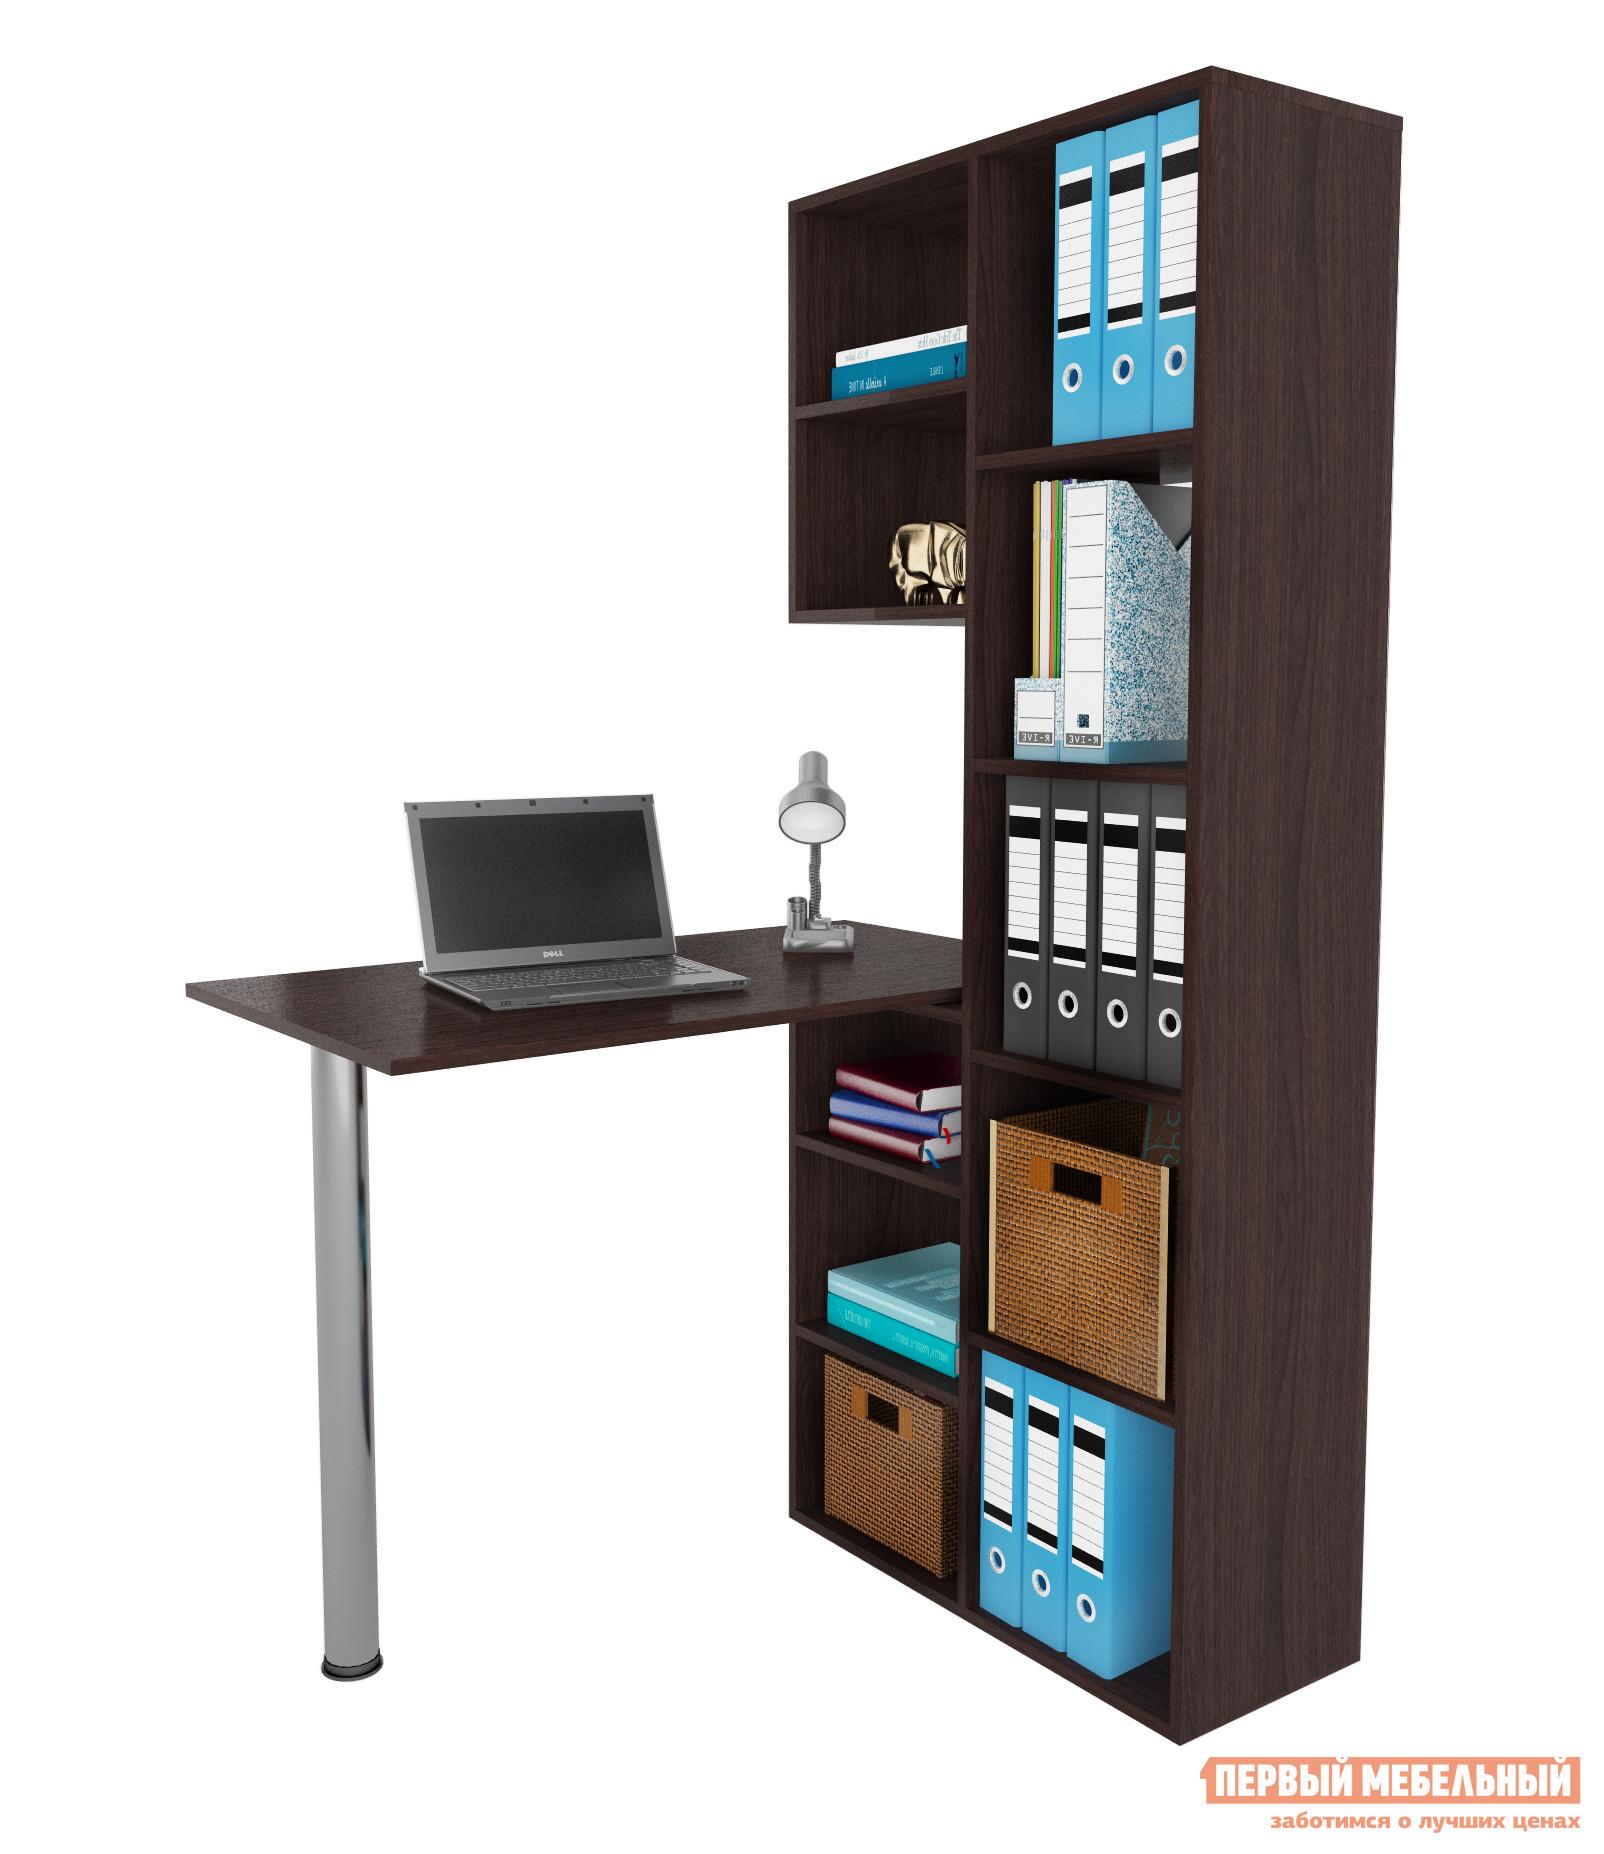 Угловой компьютерный стол МФ Мастер Рикс-2 + Рикс-6 компьютерный стол со стеллажом мф мастер 2 шт рикс 4 2 шт рикс 6